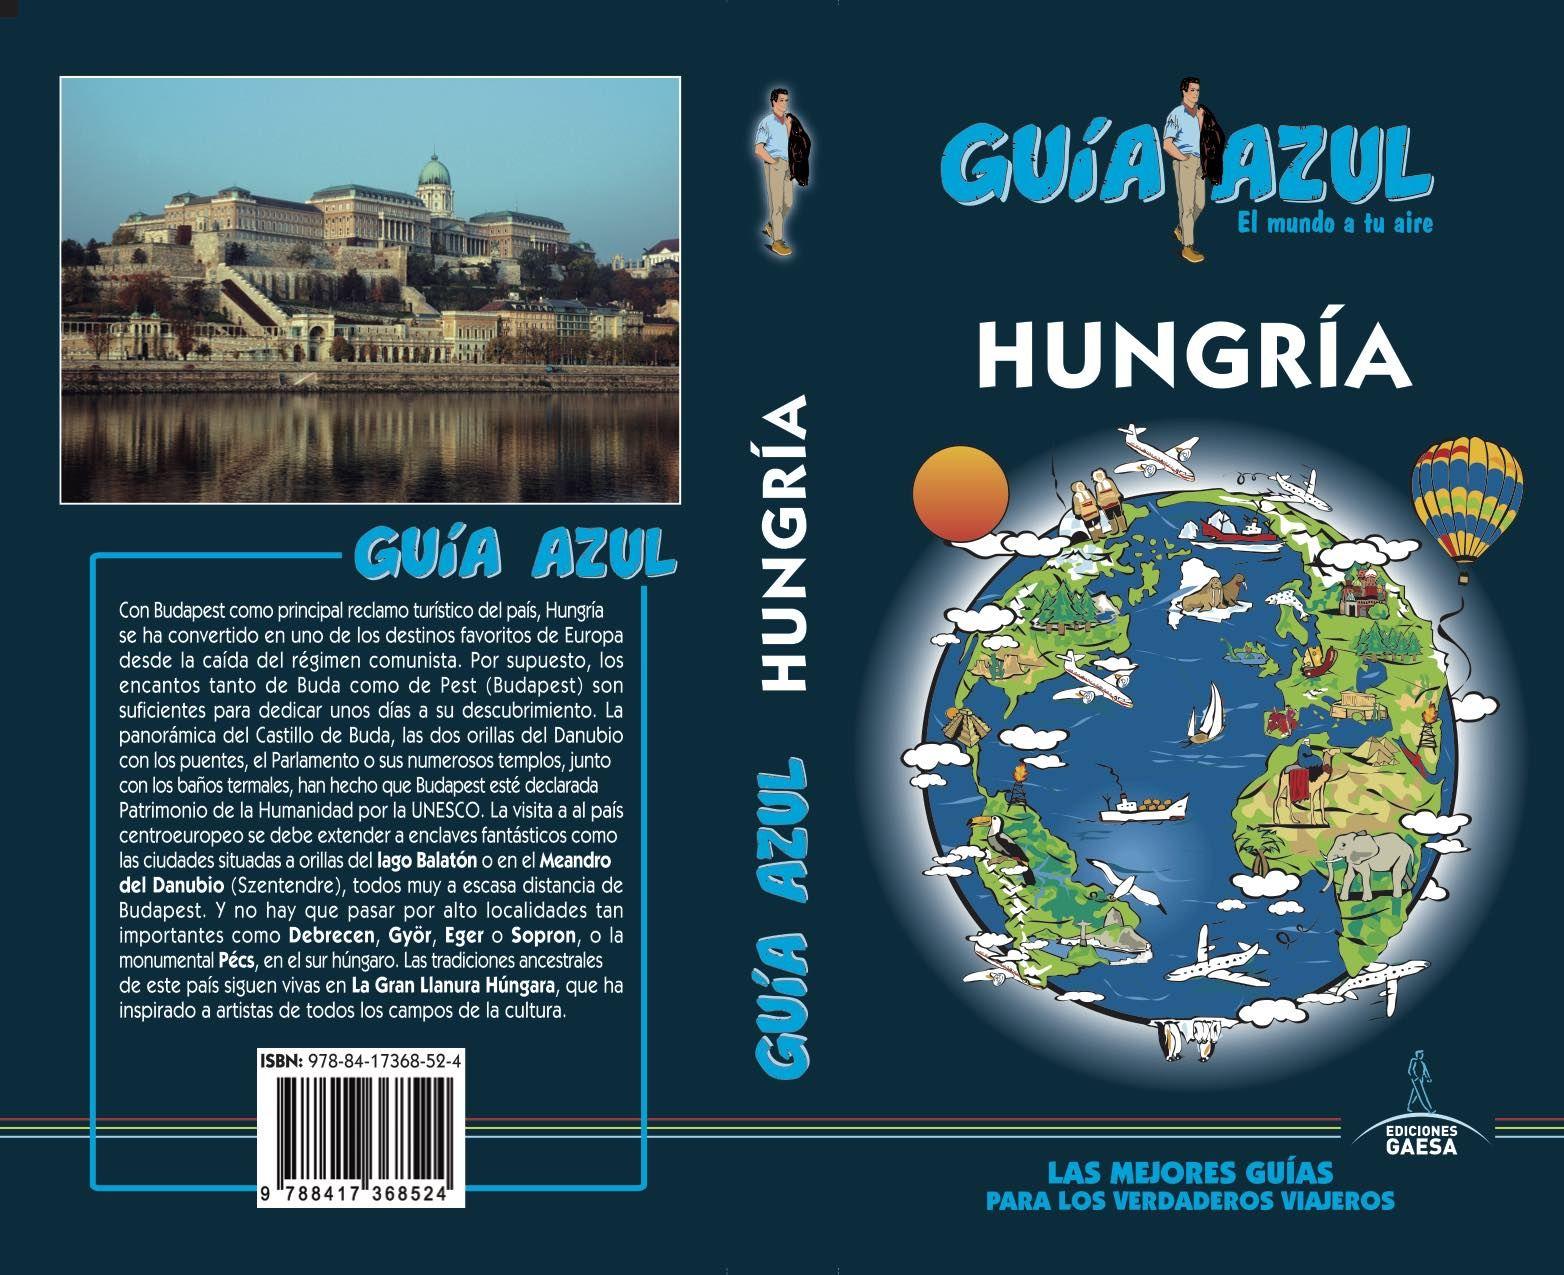 HUNGRIA GUIA AZUL